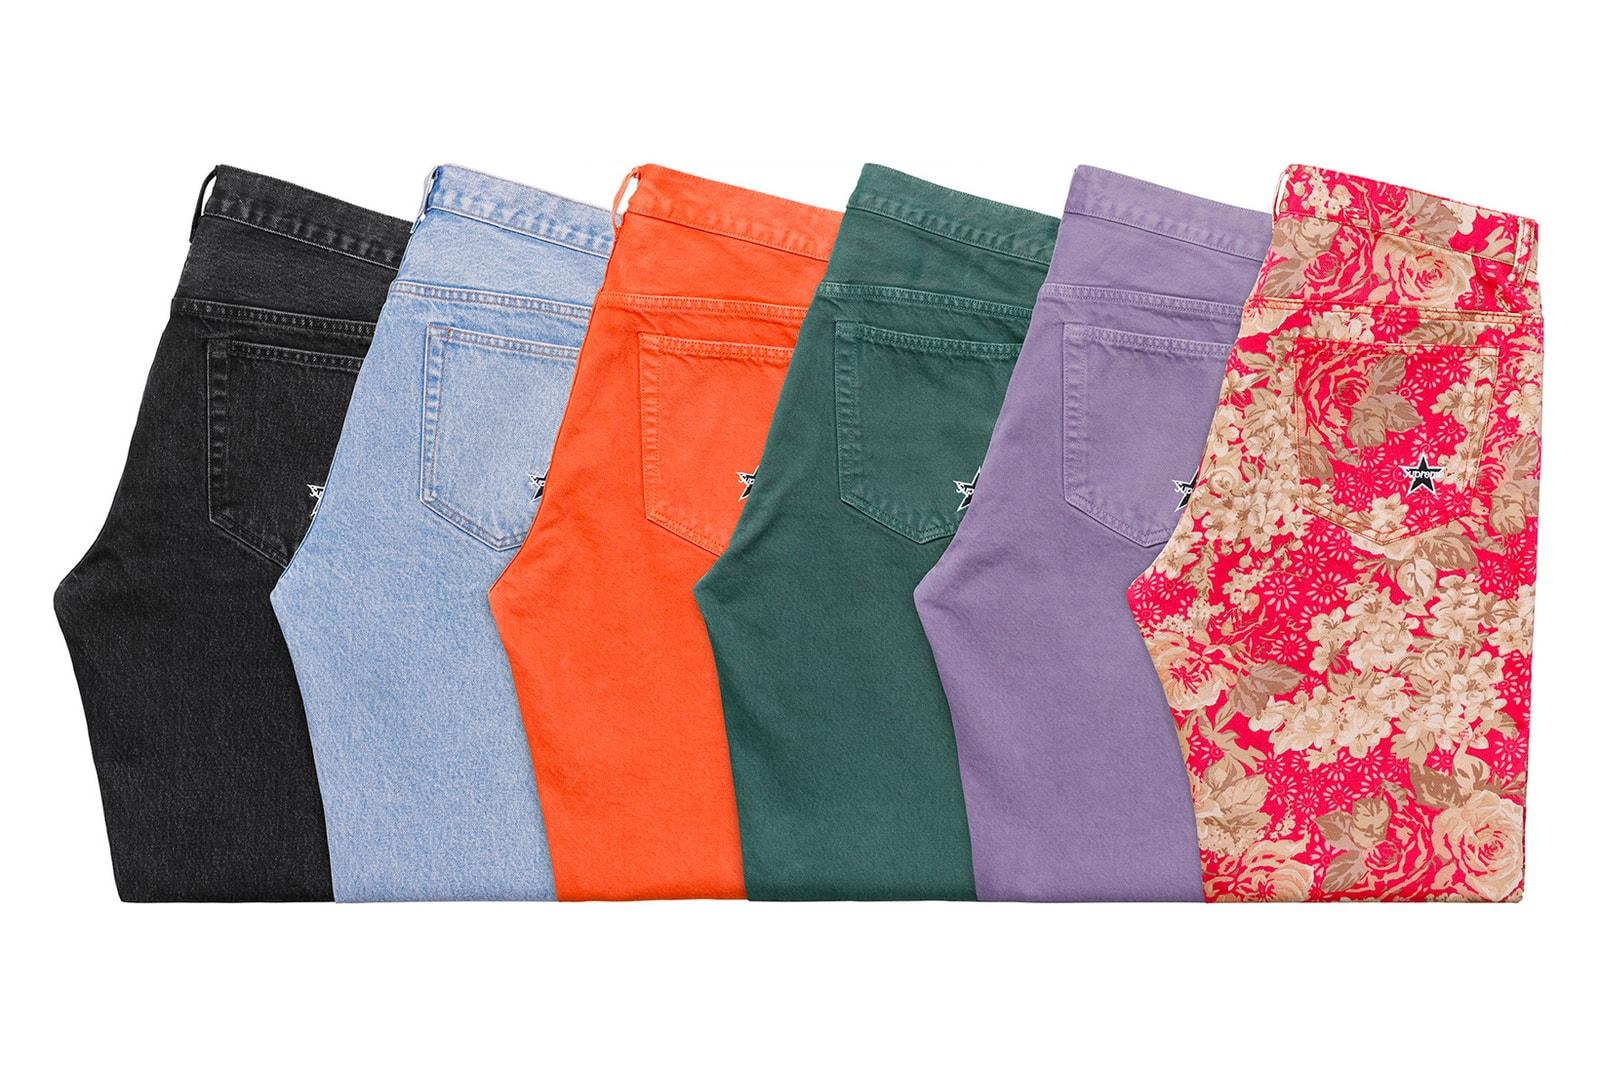 Supreme Spring/Summer 2018 Drop 1 Release Info noah dover street market raf simons calvin klein adidas nike